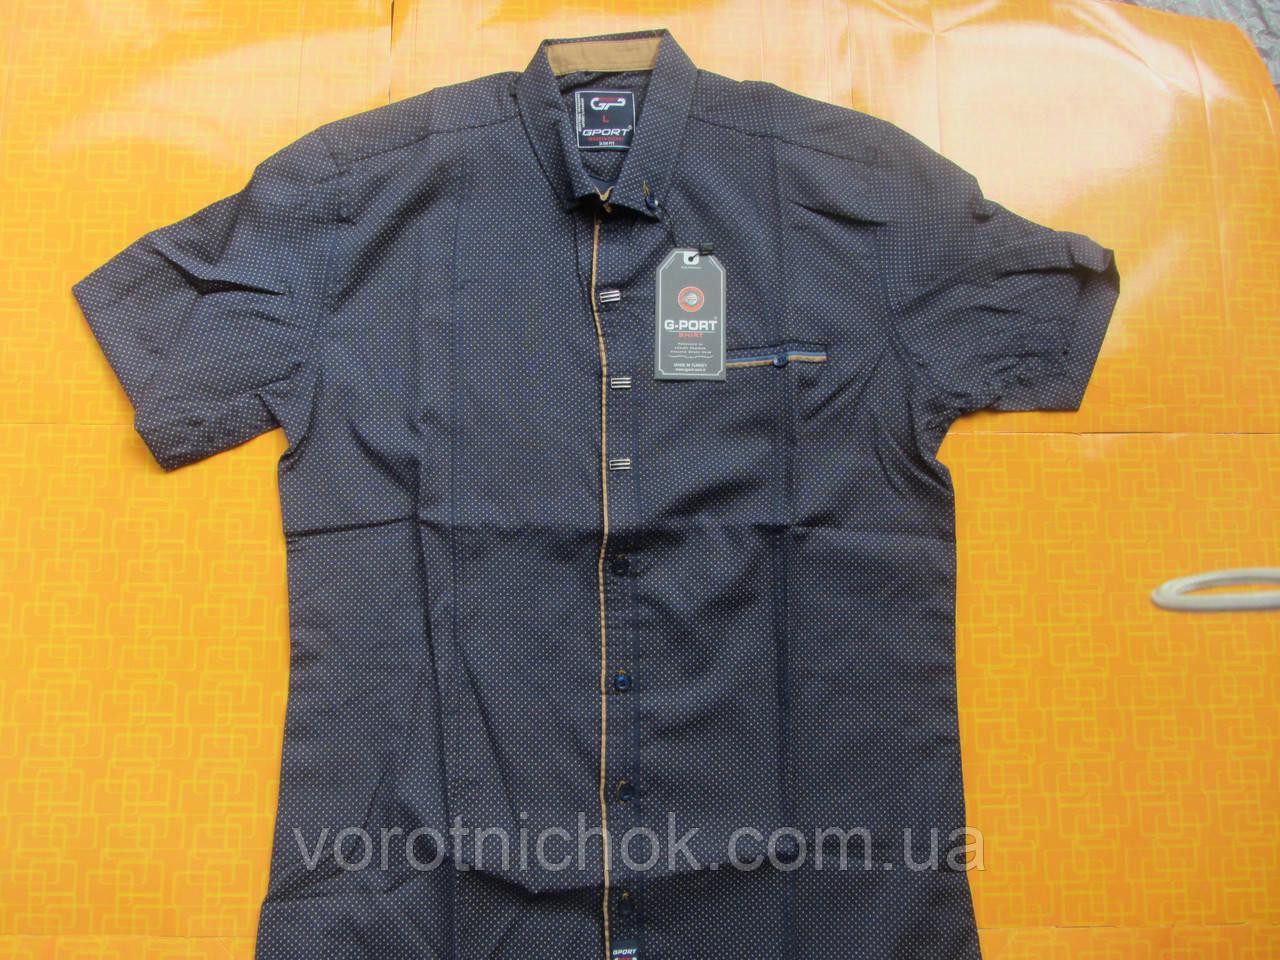 Чоловіча сорочка Gport - короткий рукав